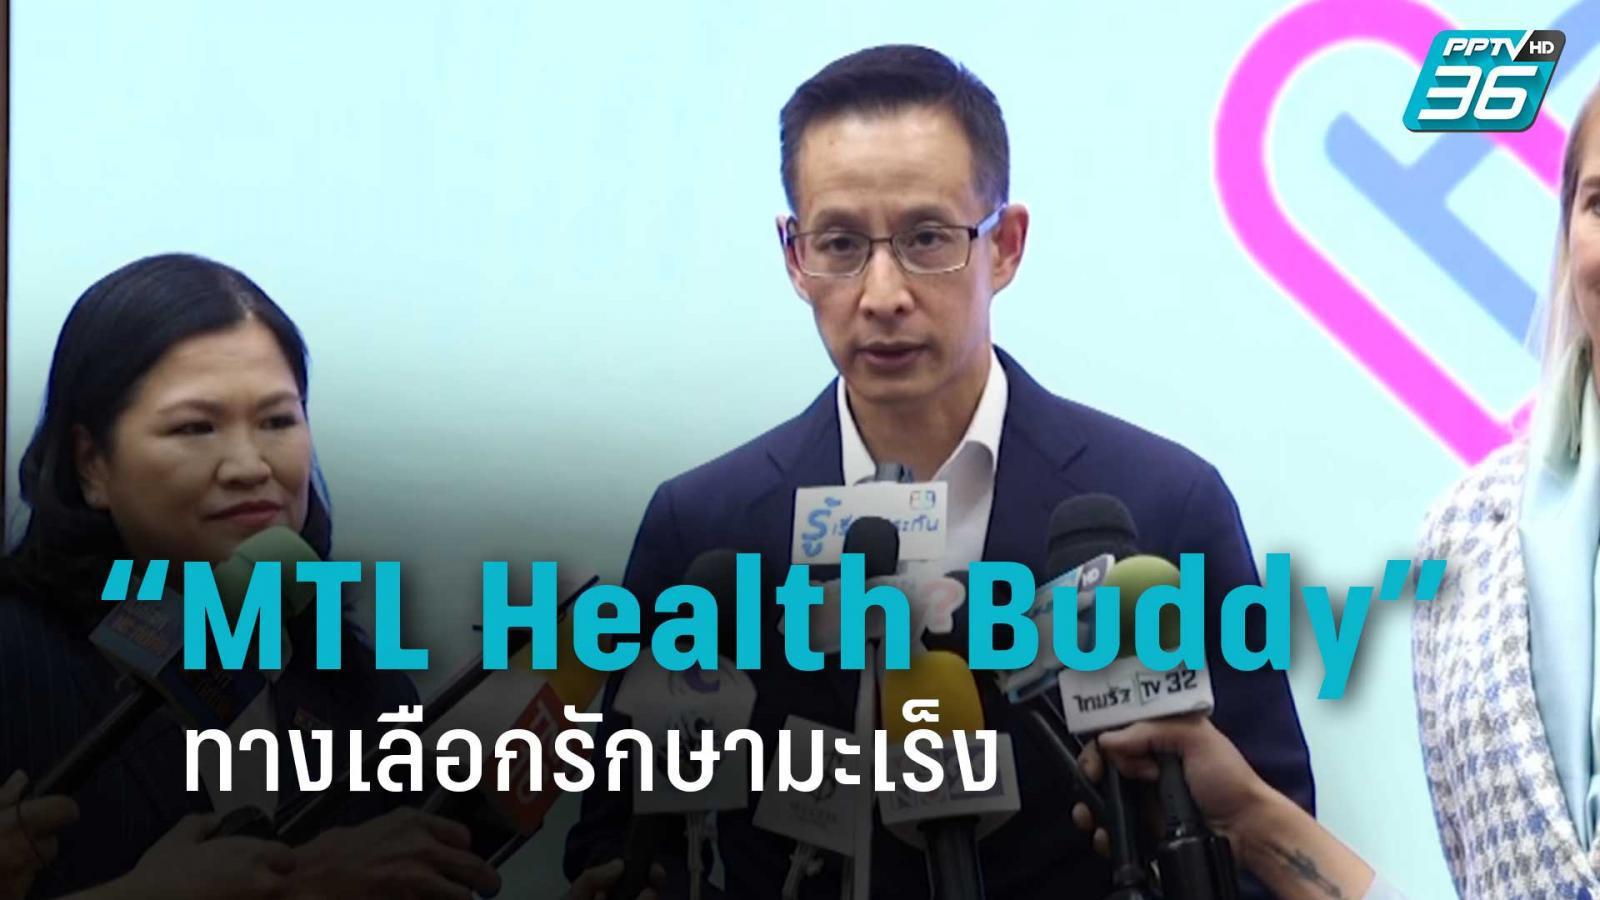 """เมืองไทยประกันชีวิต เปิดตัว บริการ """"MTL Health Buddy"""""""